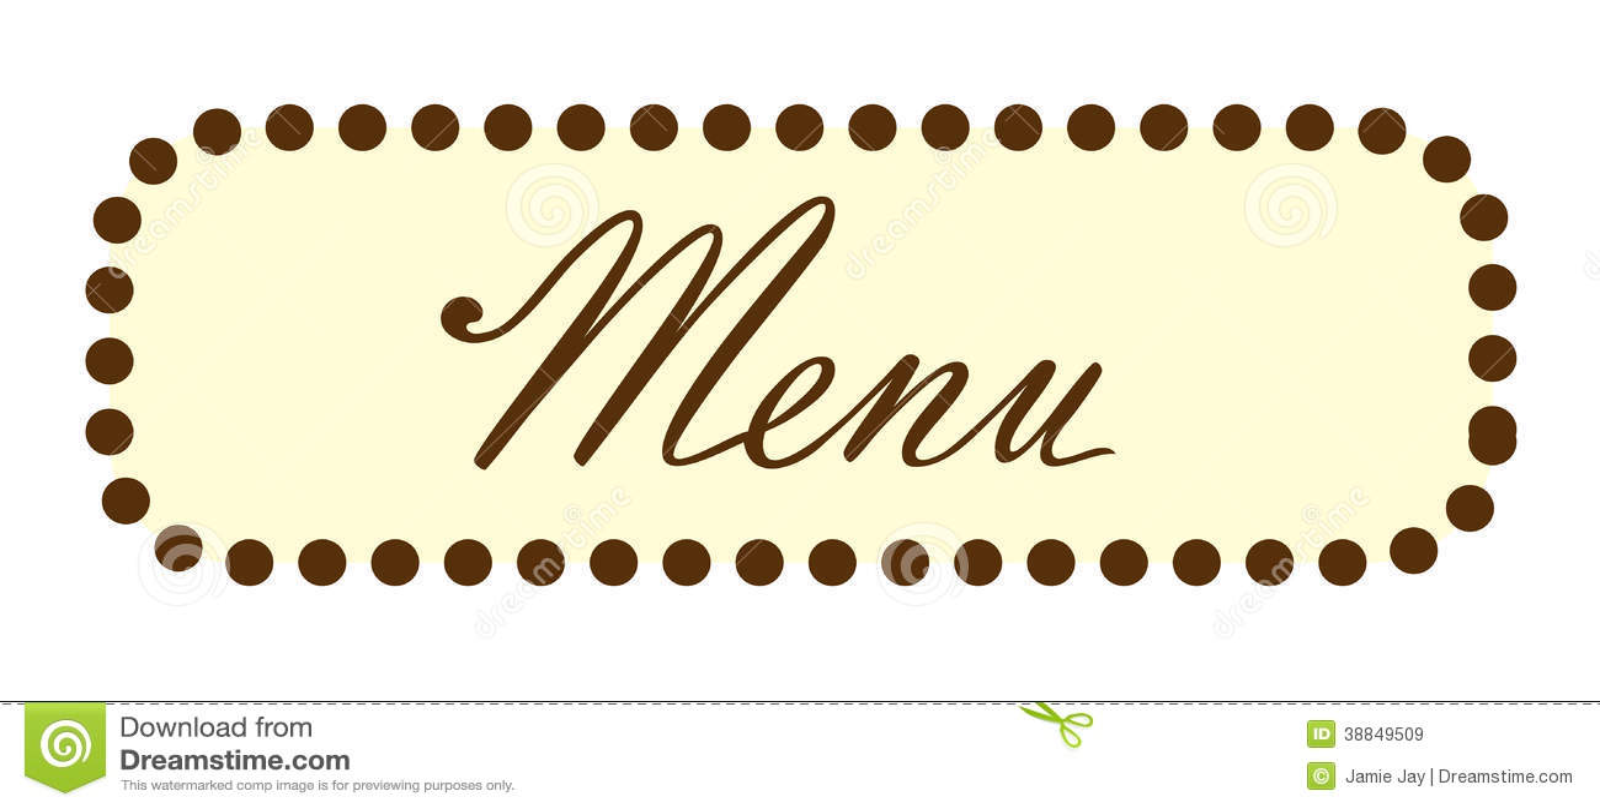 menu word